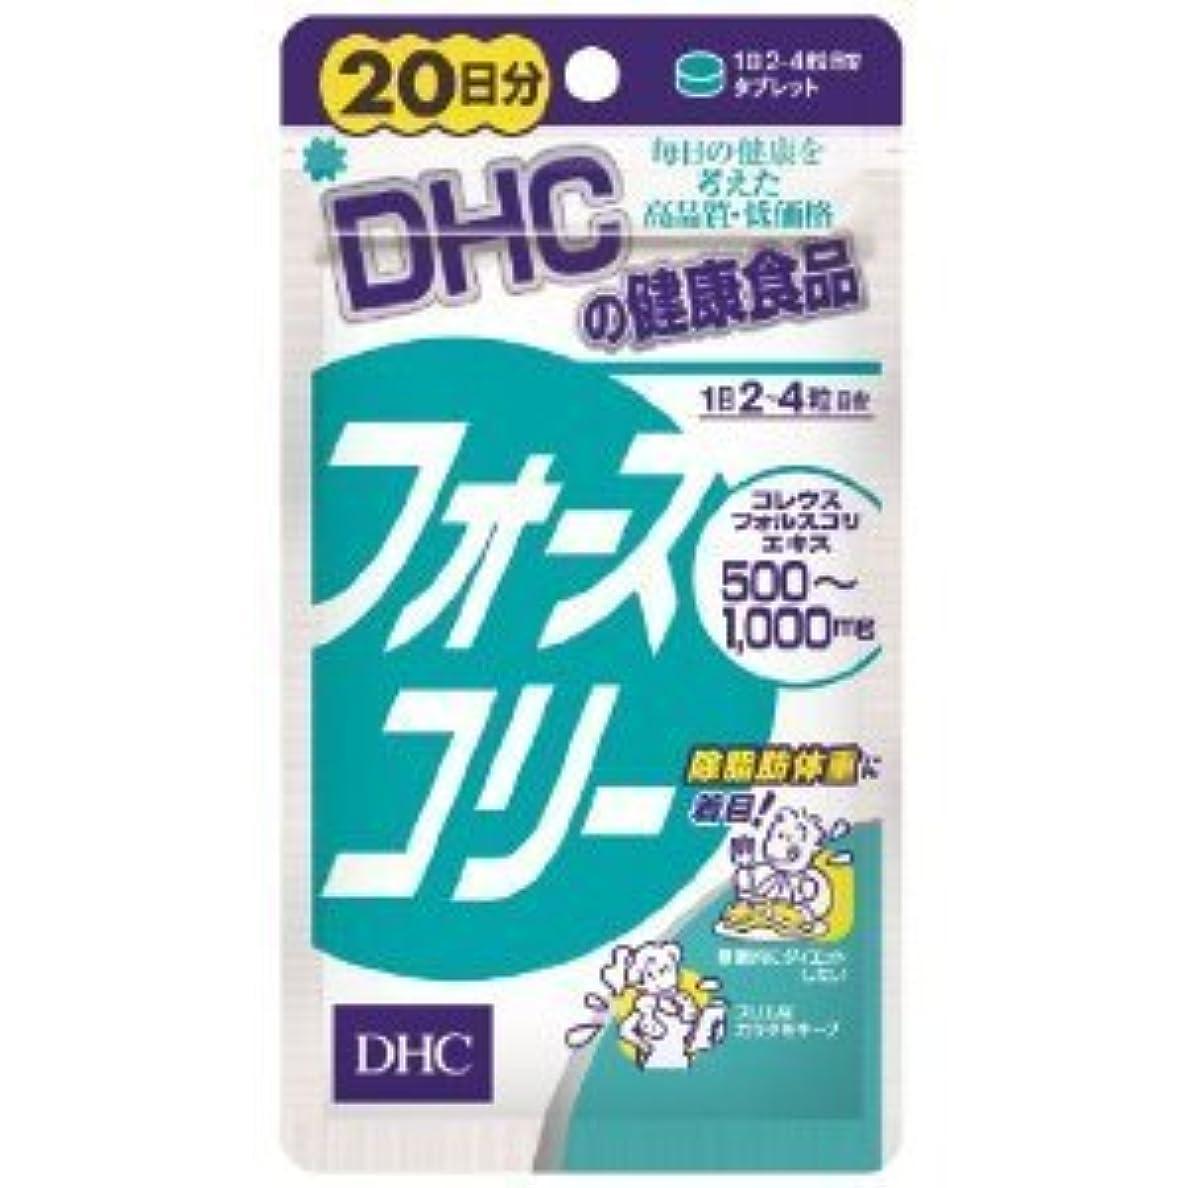 スピーチ火薬流用するDHC フォースコリー 80粒 20日分 賞味期限 201604